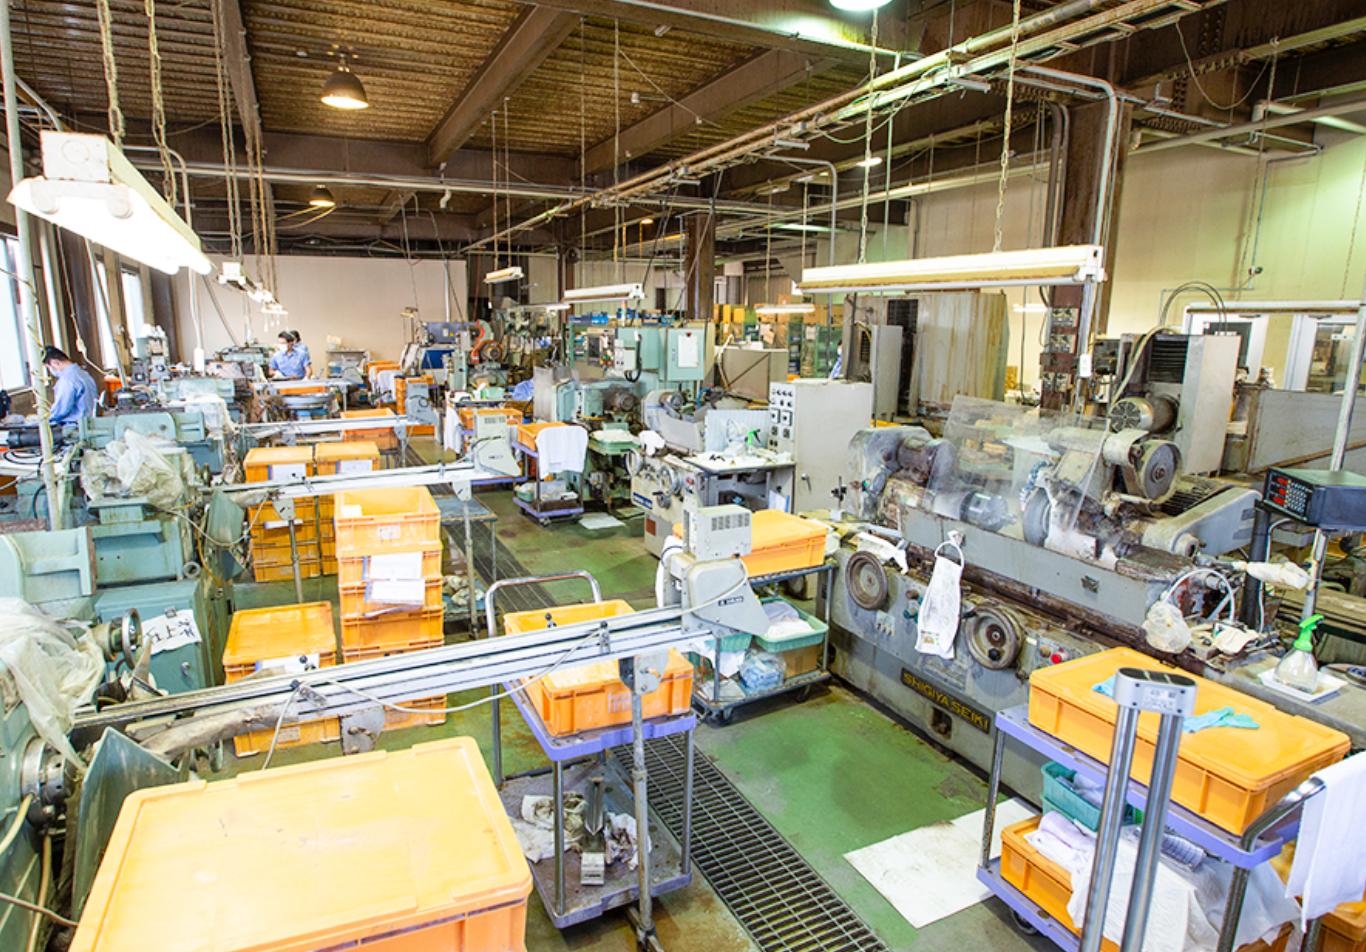 ニイミ産業の製造工場